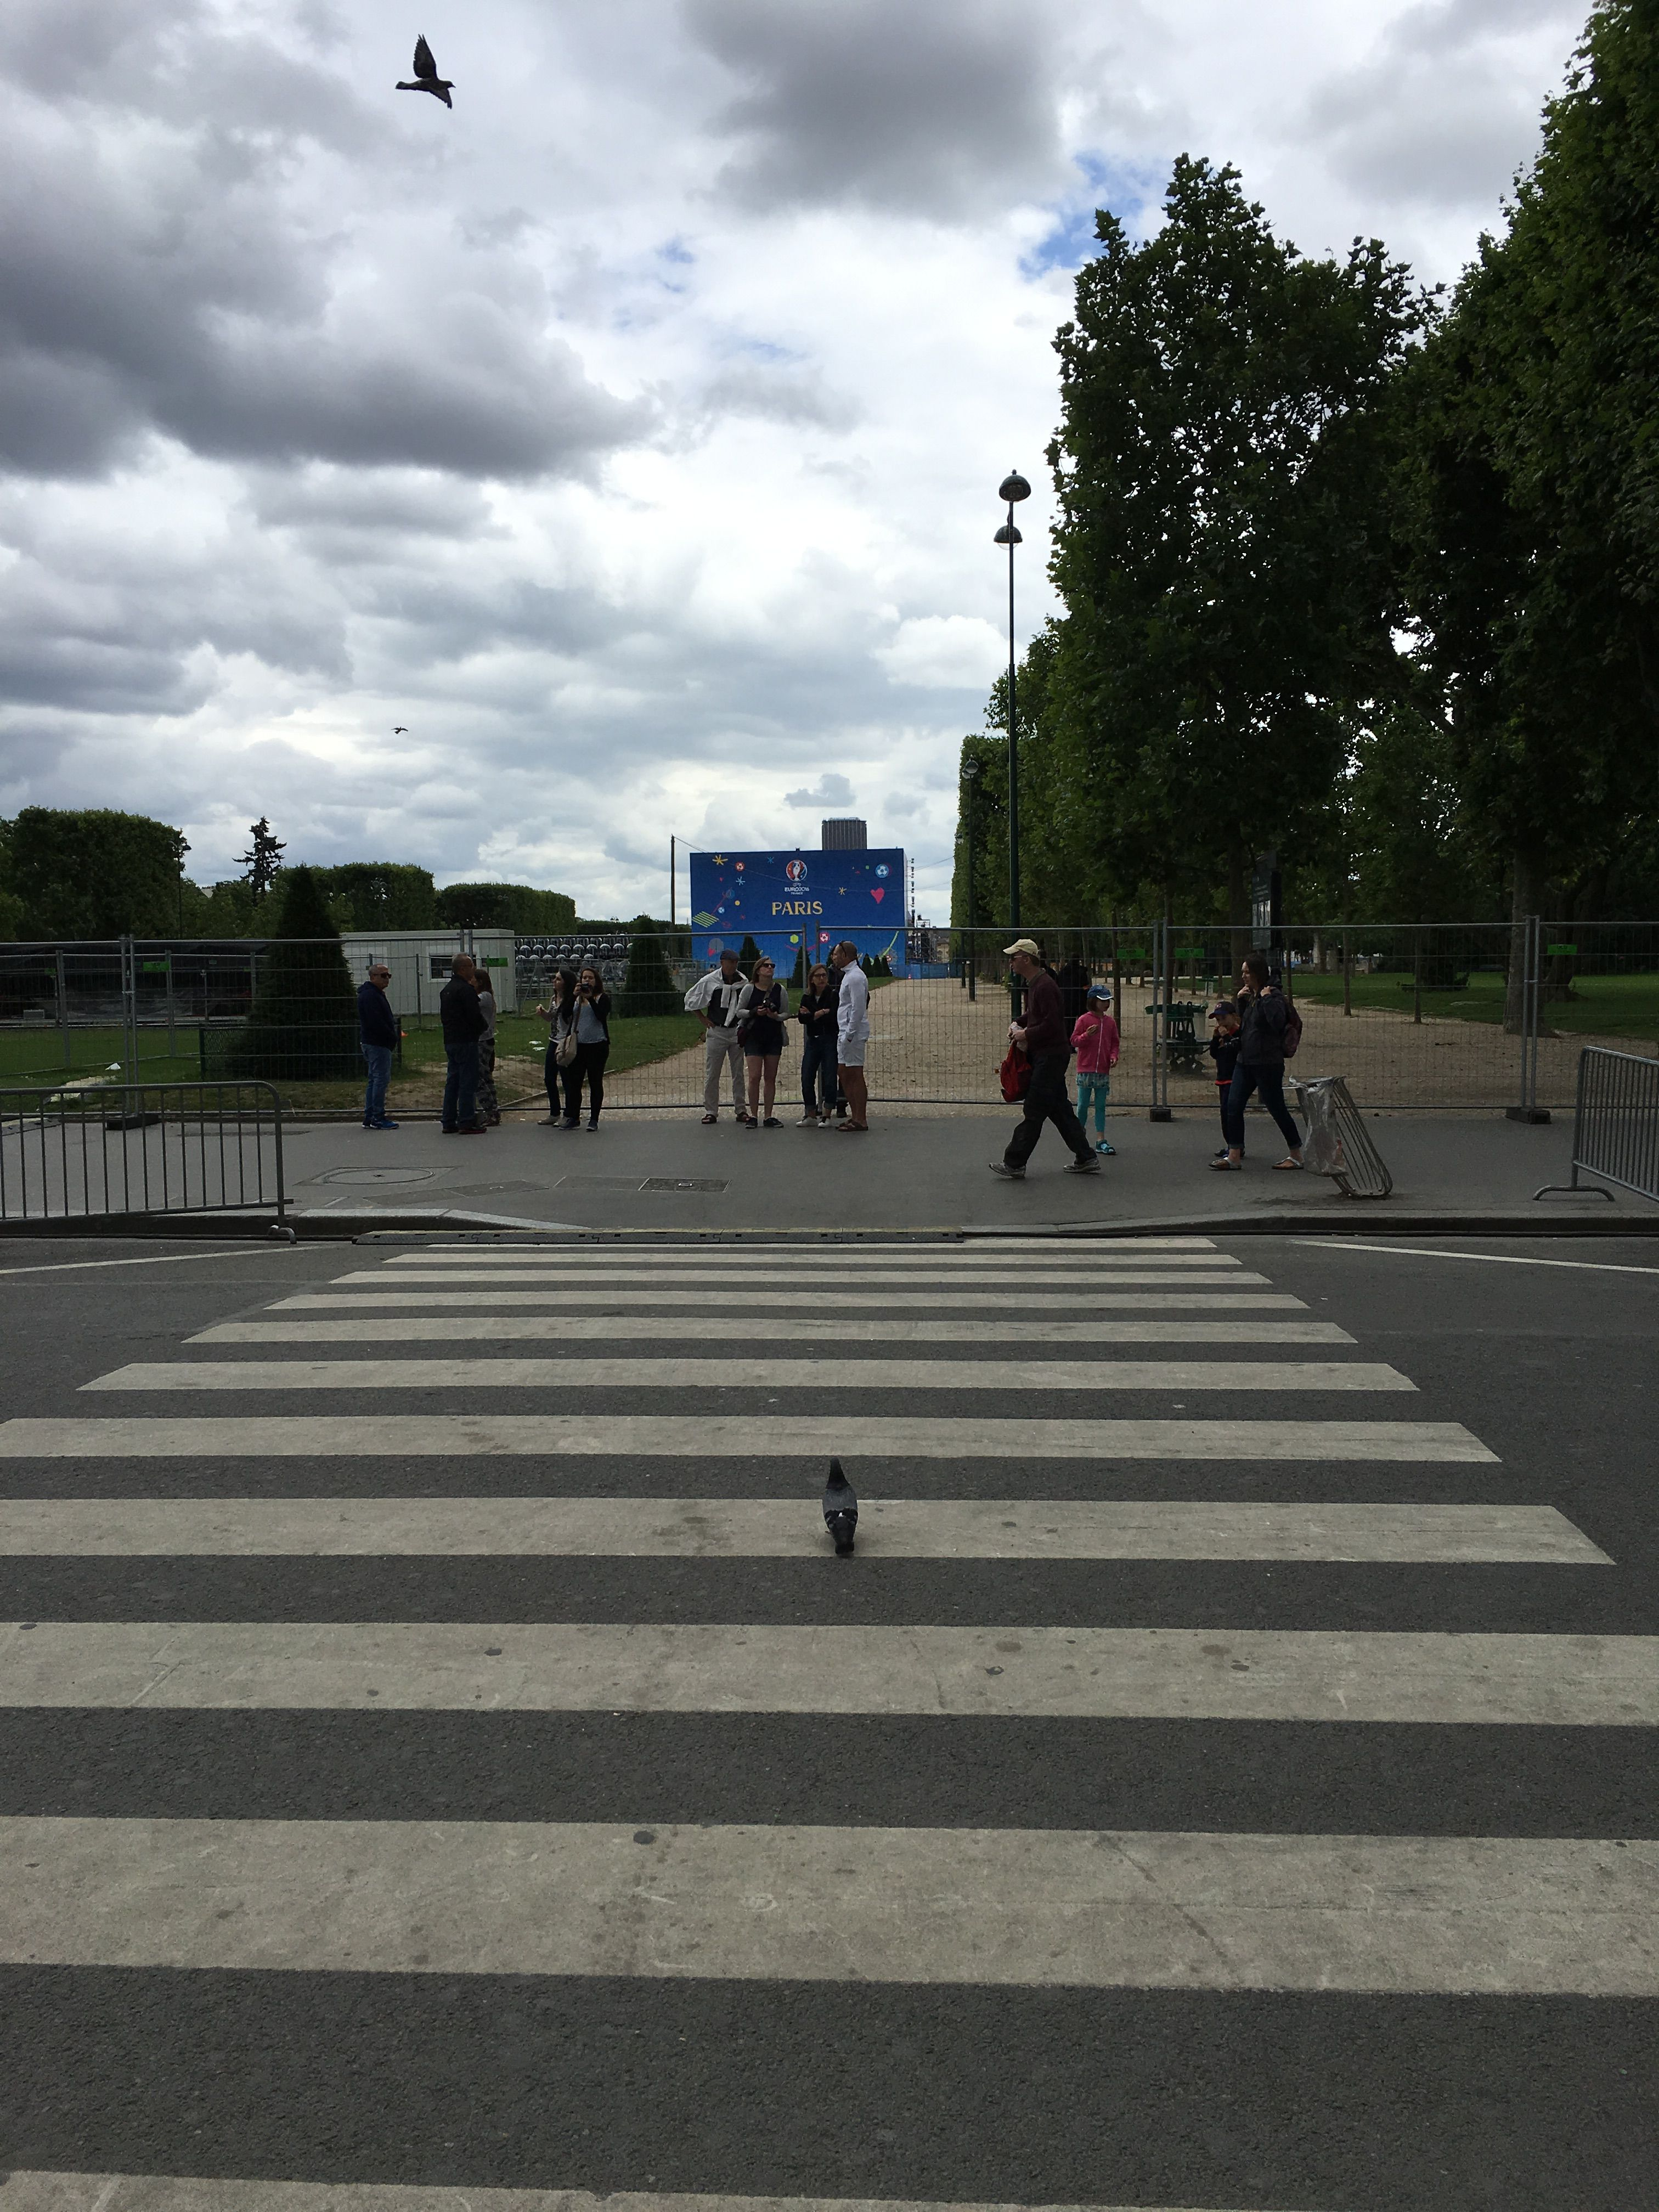 La Fan Zone du Champ-de-Mars à côté de la Tour Eiffel en journée. / The Euro 2016 Paris Fan Zone near Eiffel Tower in daytime.